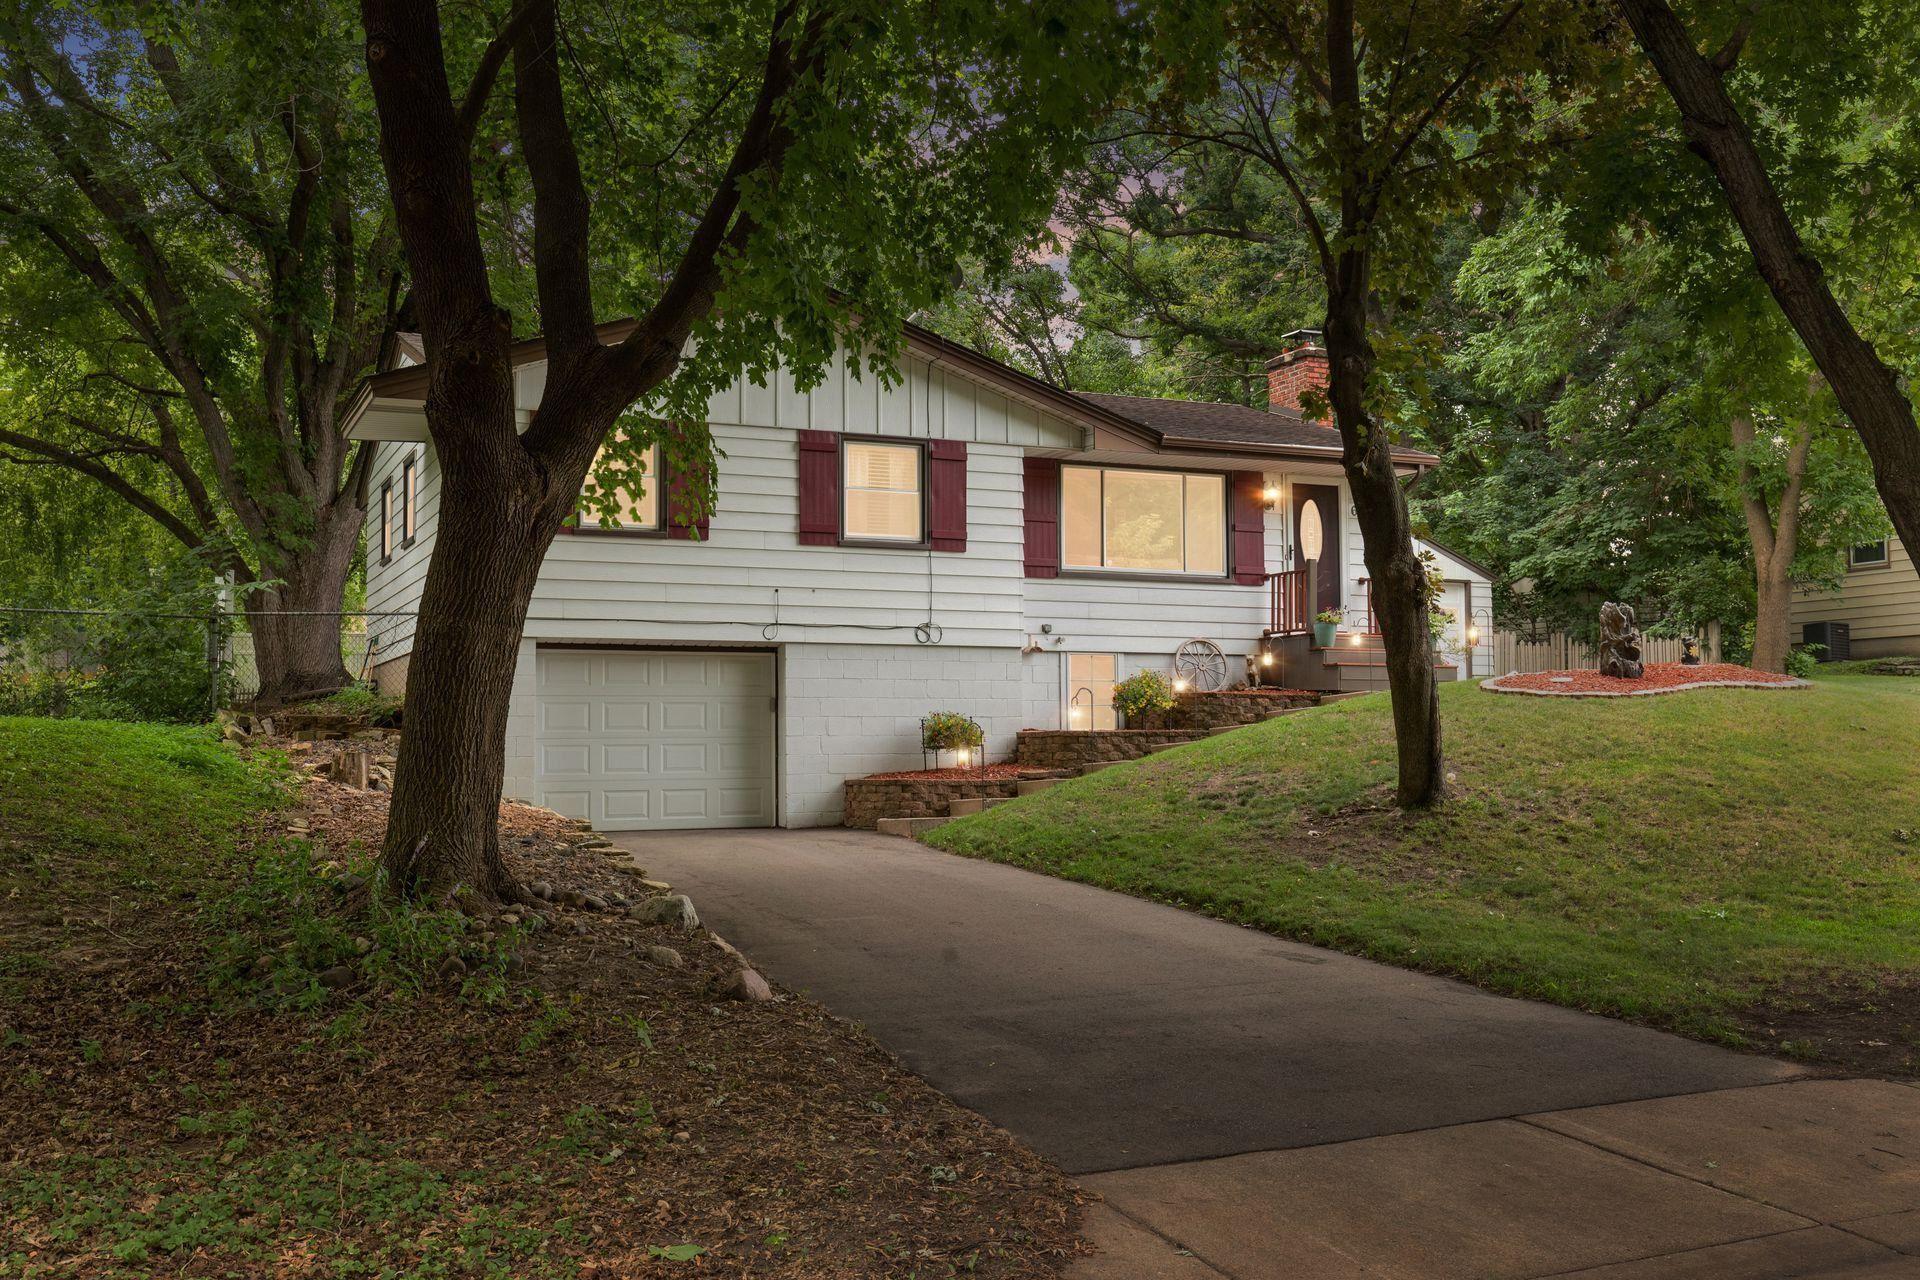 697 Esther Lane, Woodbury, MN 55125 - MLS#: 5625385